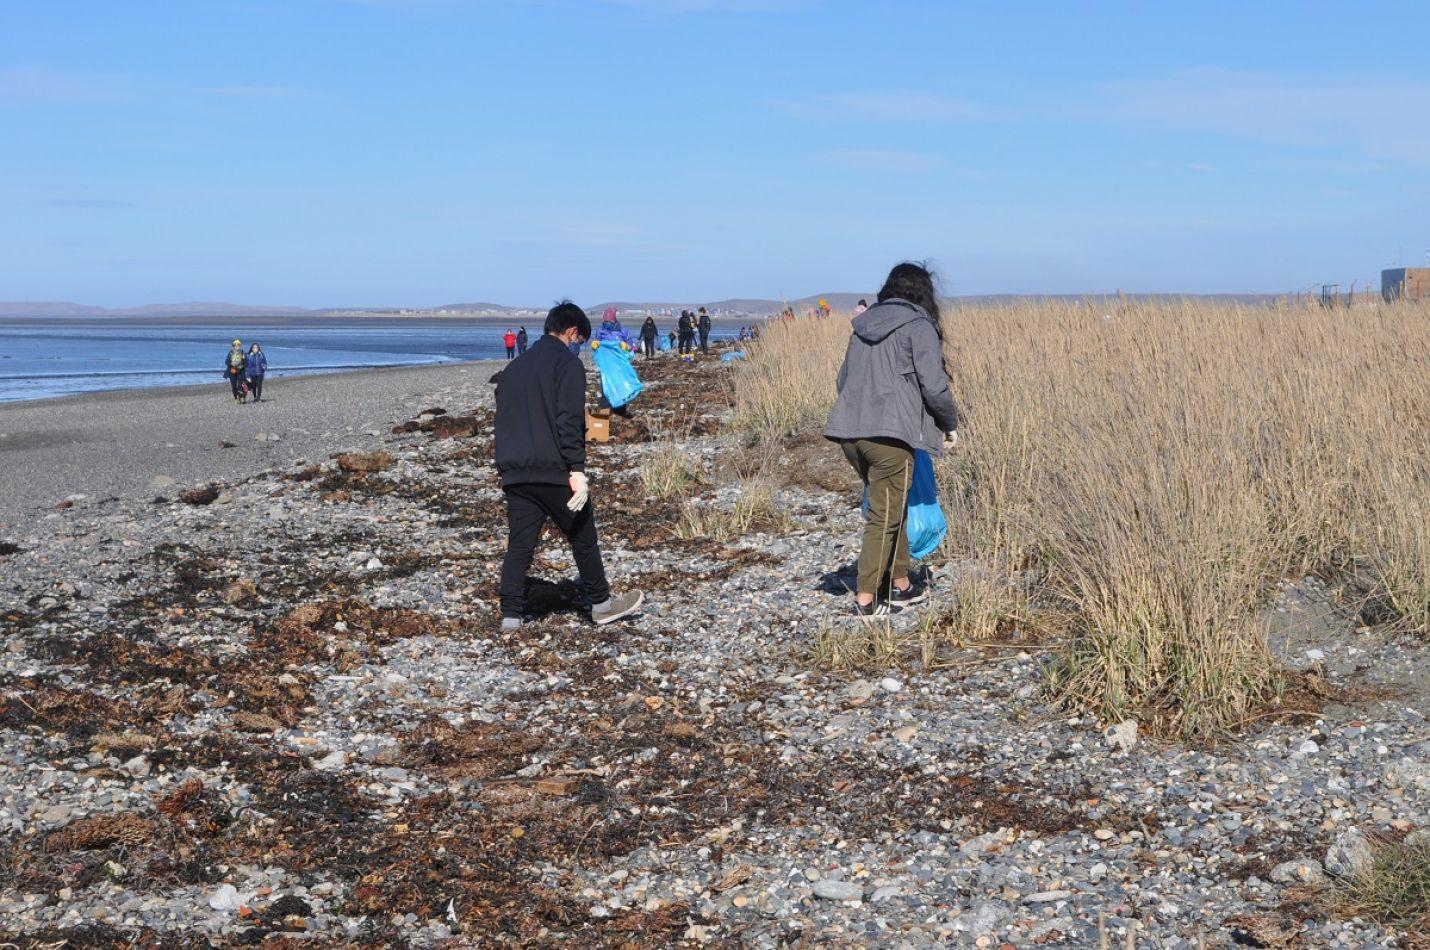 Casi un centenar de voluntarios se sumaron de manera desinteresada a la campaña de limpieza de la playa.